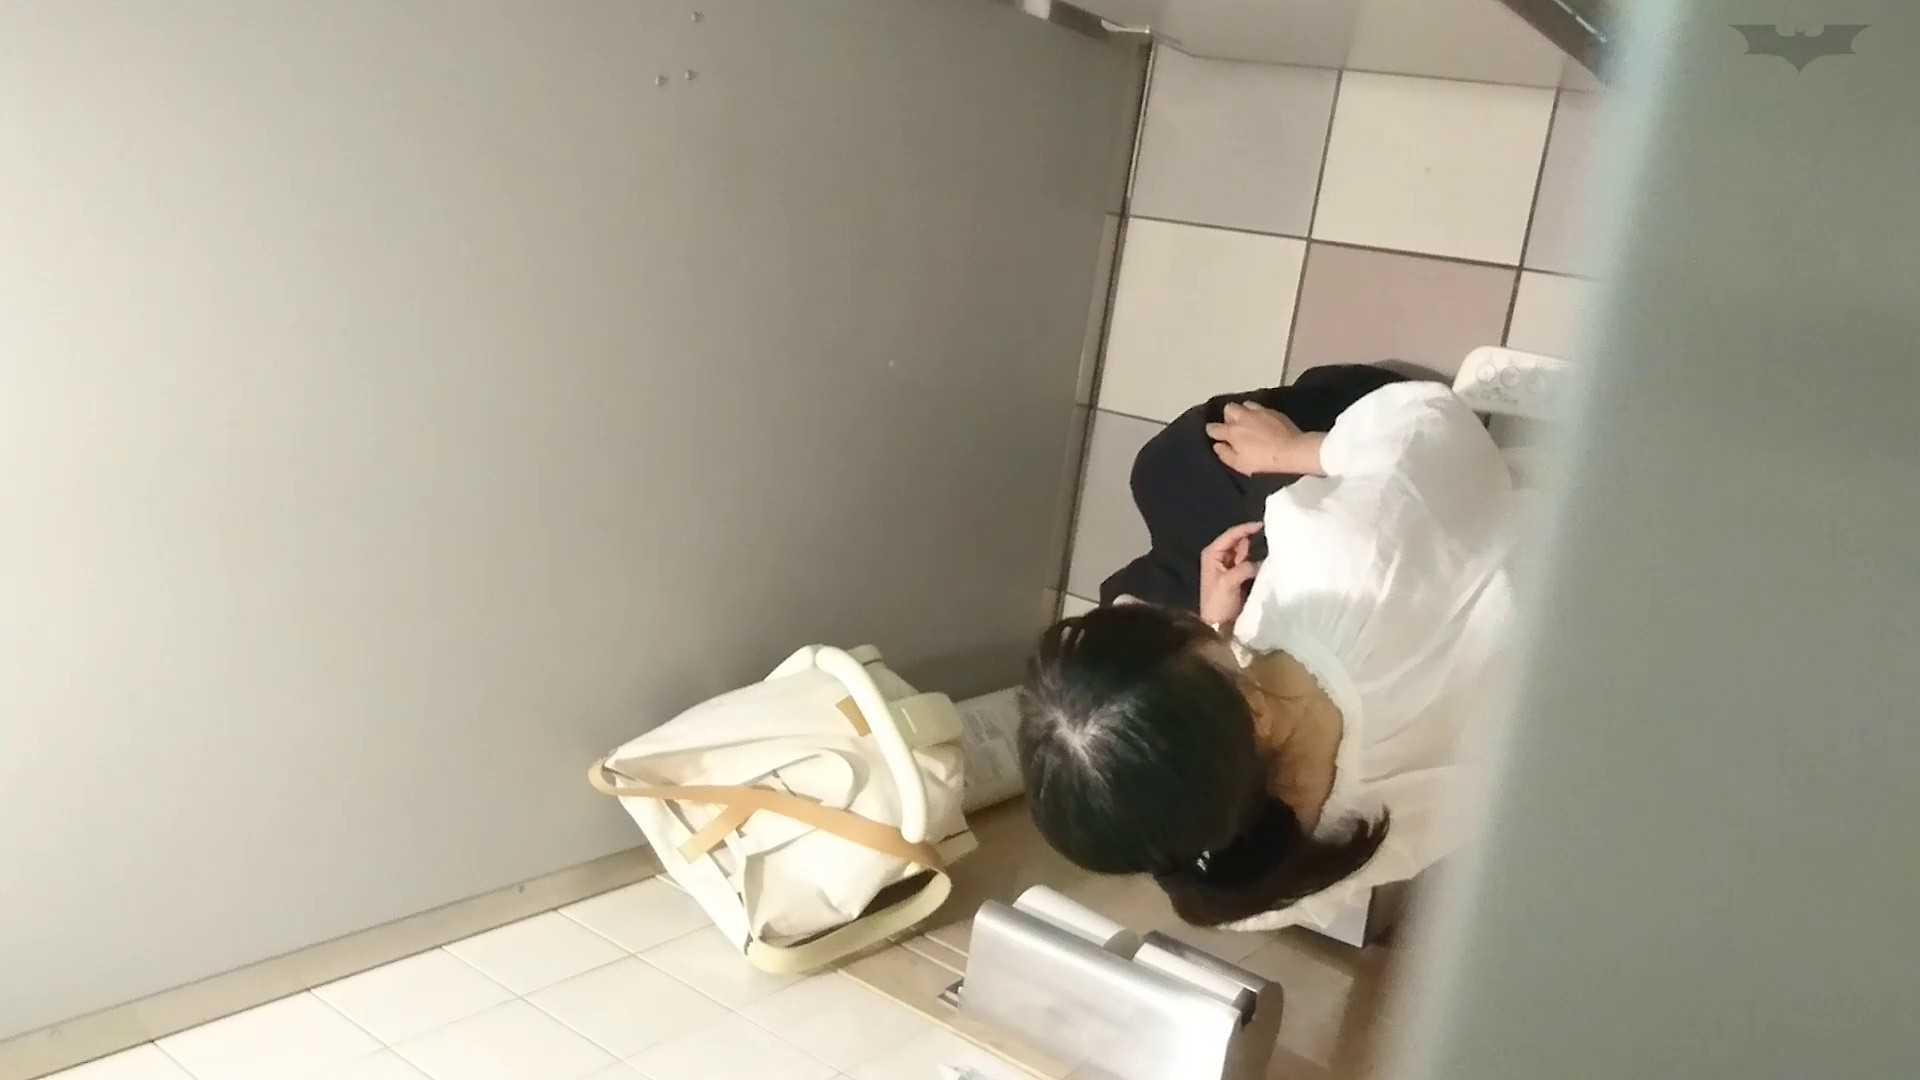 化粧室絵巻 ショッピングモール編 VOL.22 OL  95pic 4